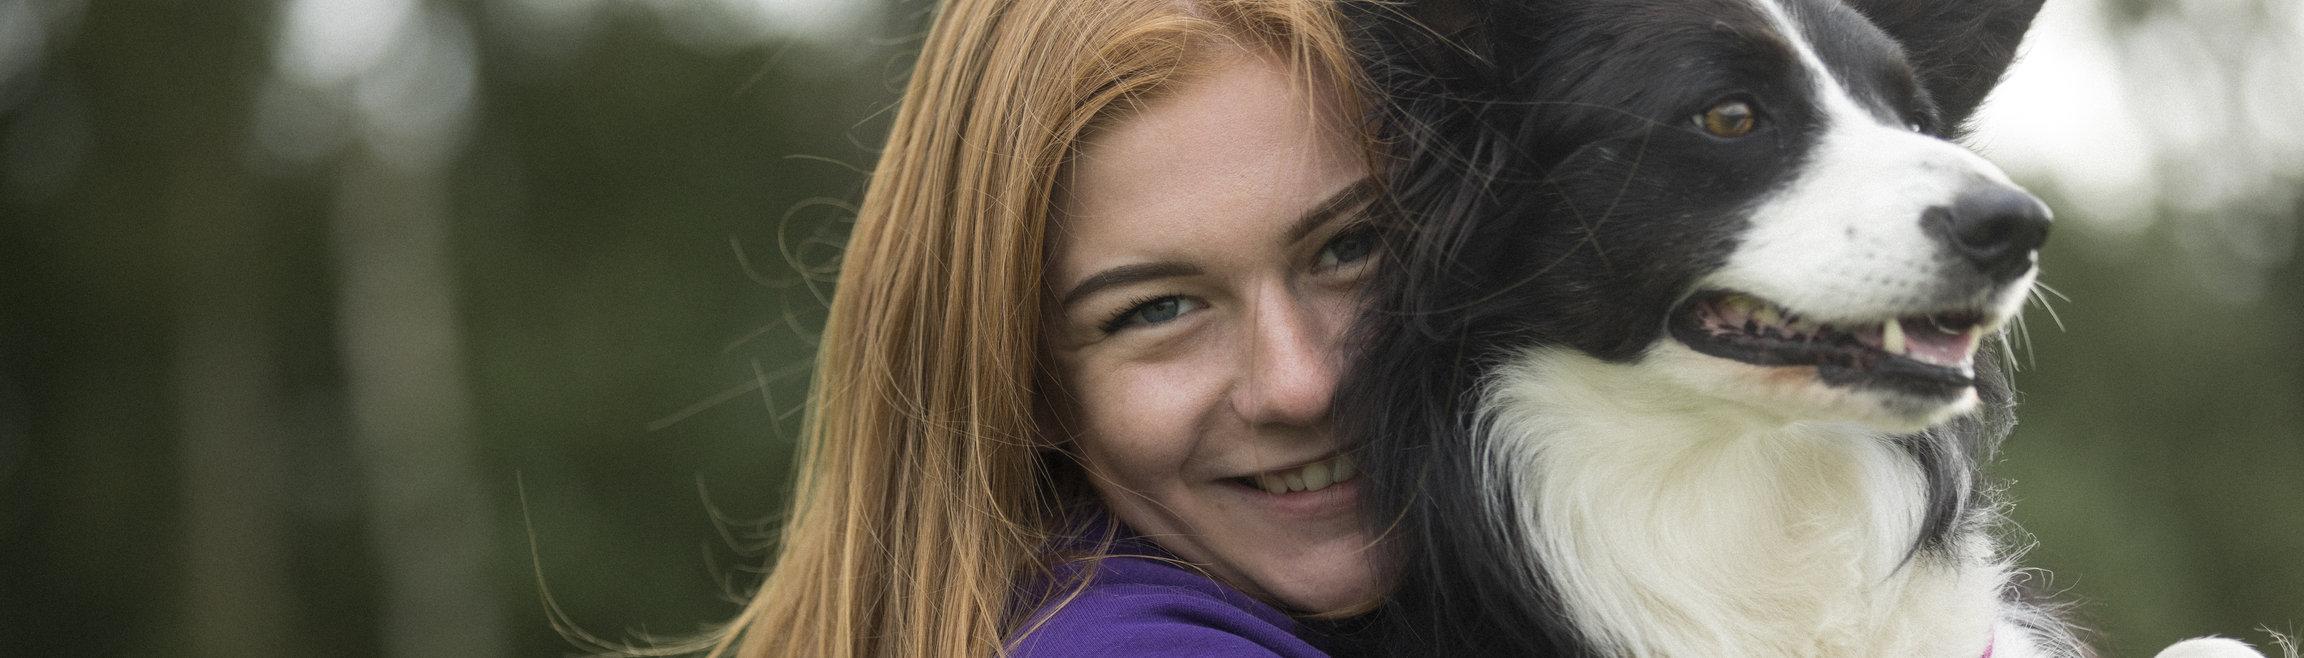 En leende tjej med en hund i famnen.